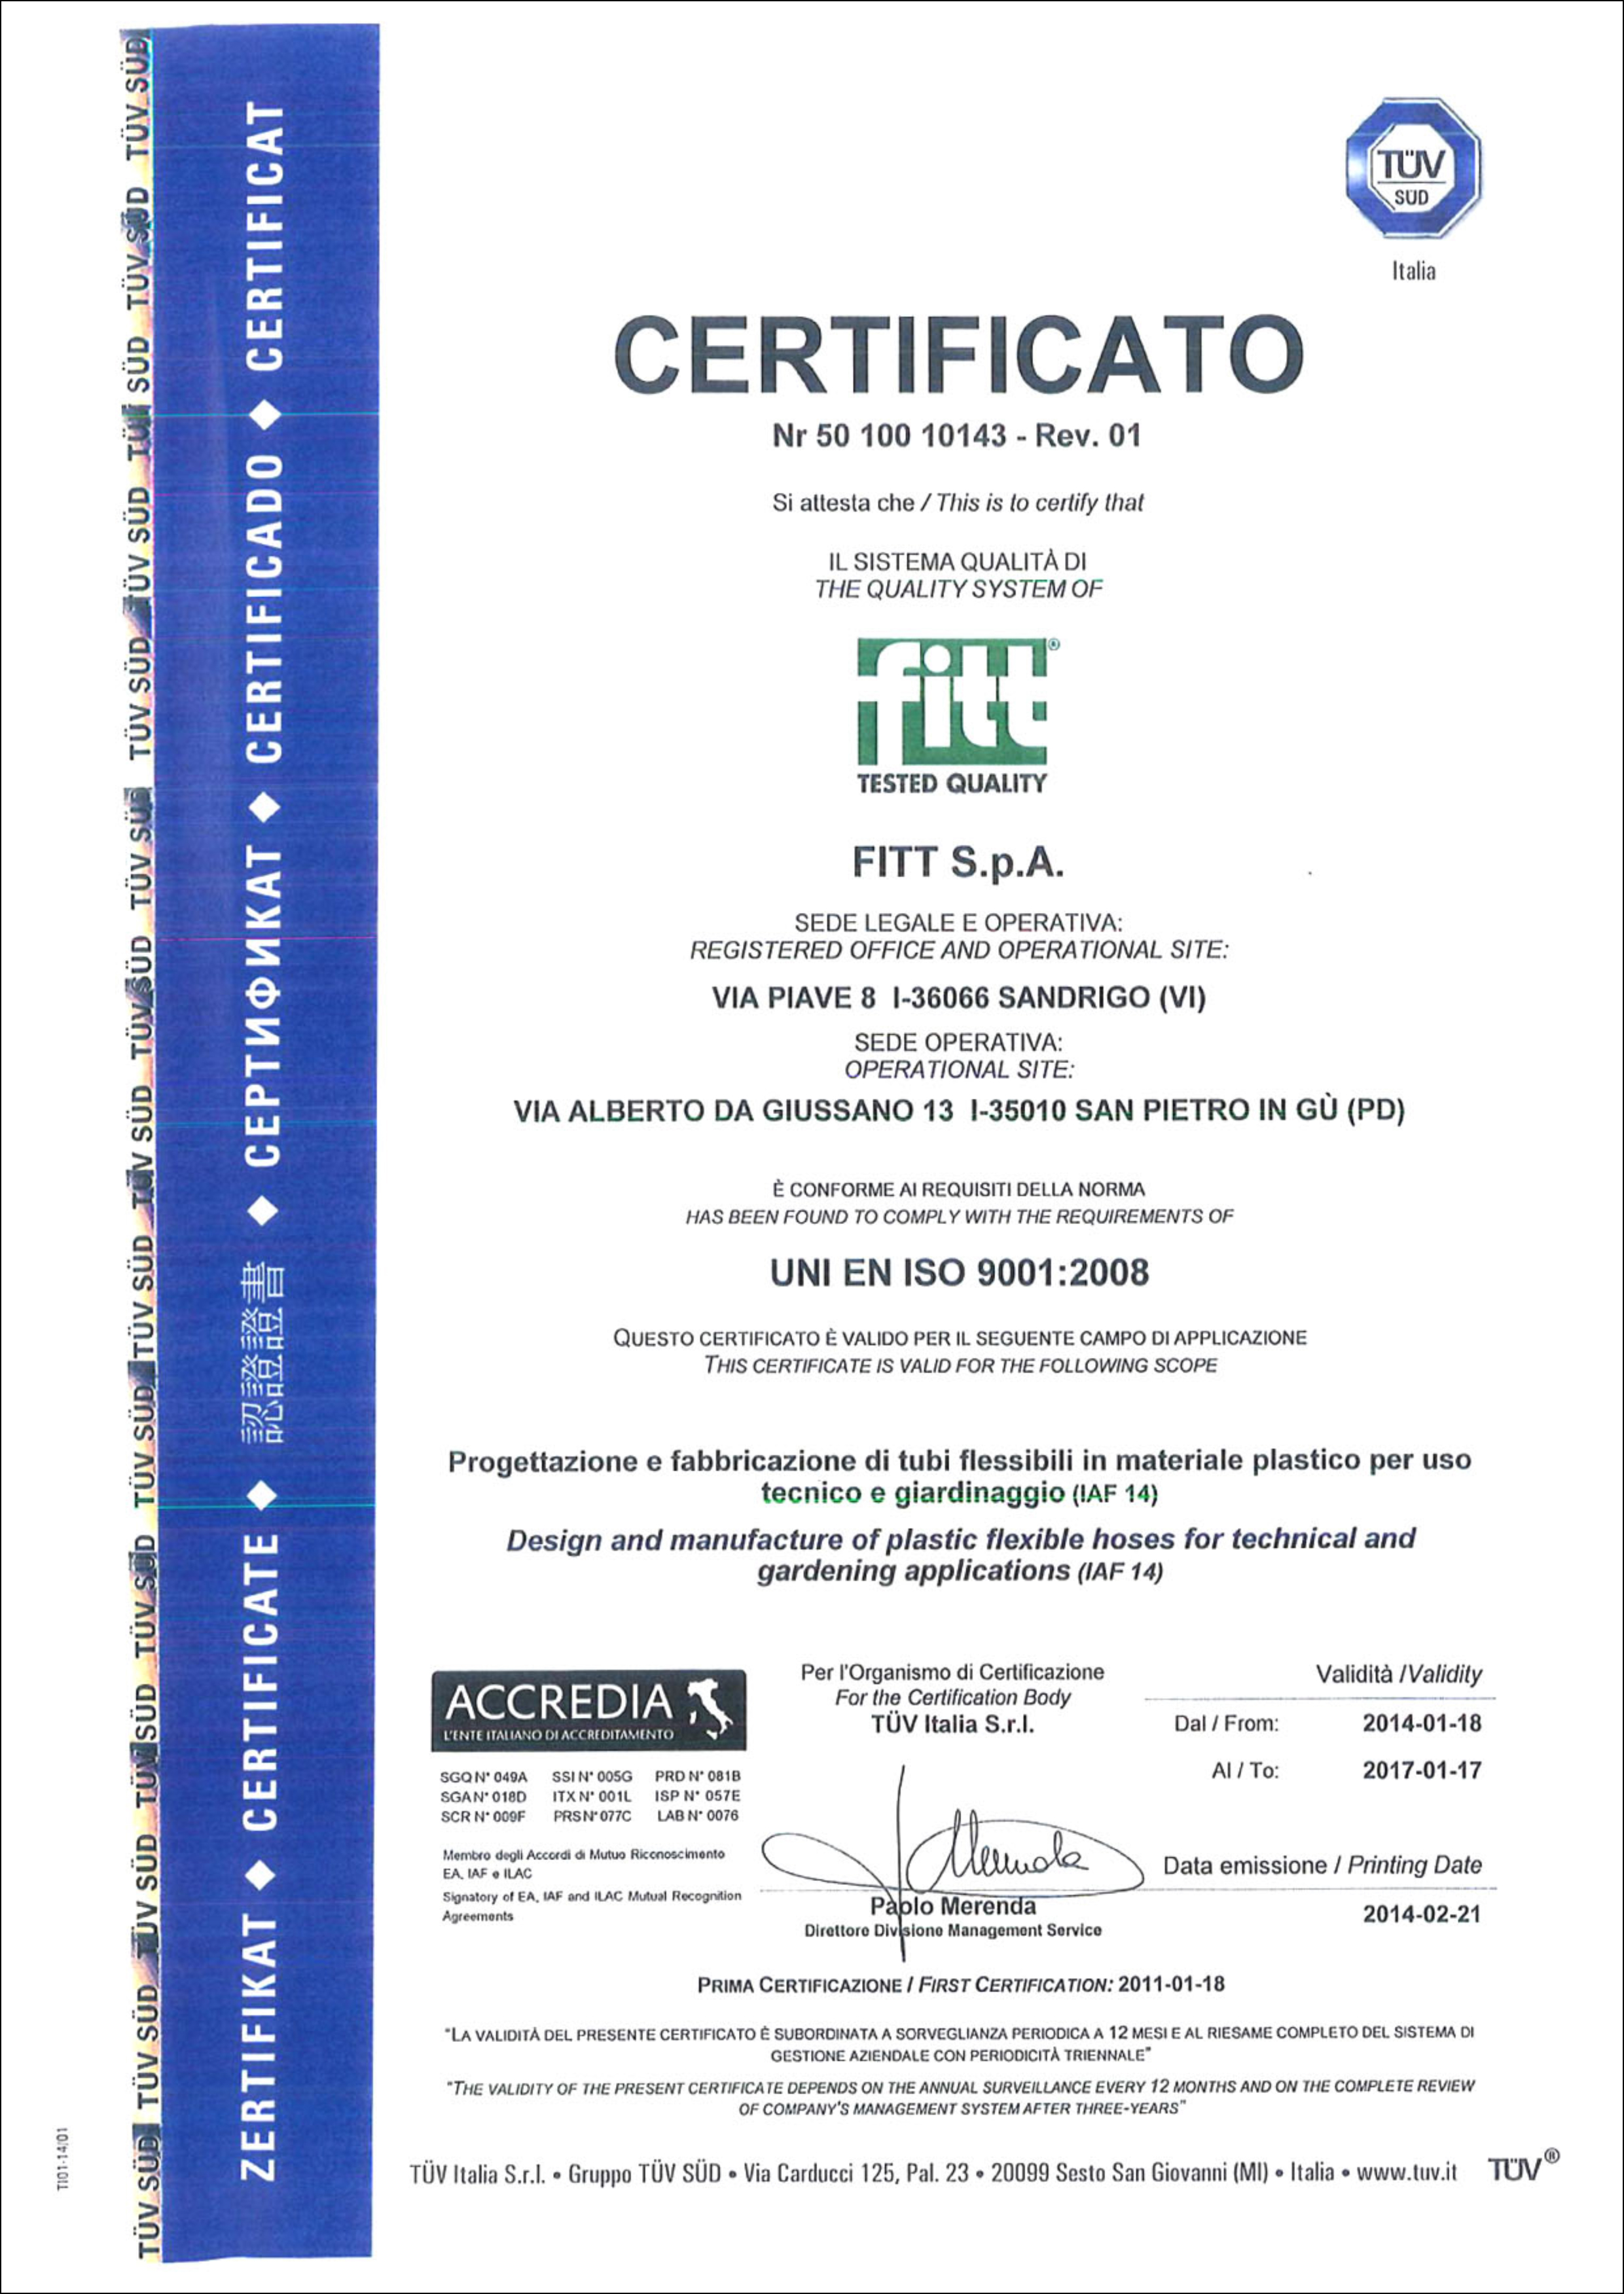 Сертификат_качества_подтверждает_соответствие_стандартов_работы_с_сертификатом_регулирования_сис.jpg